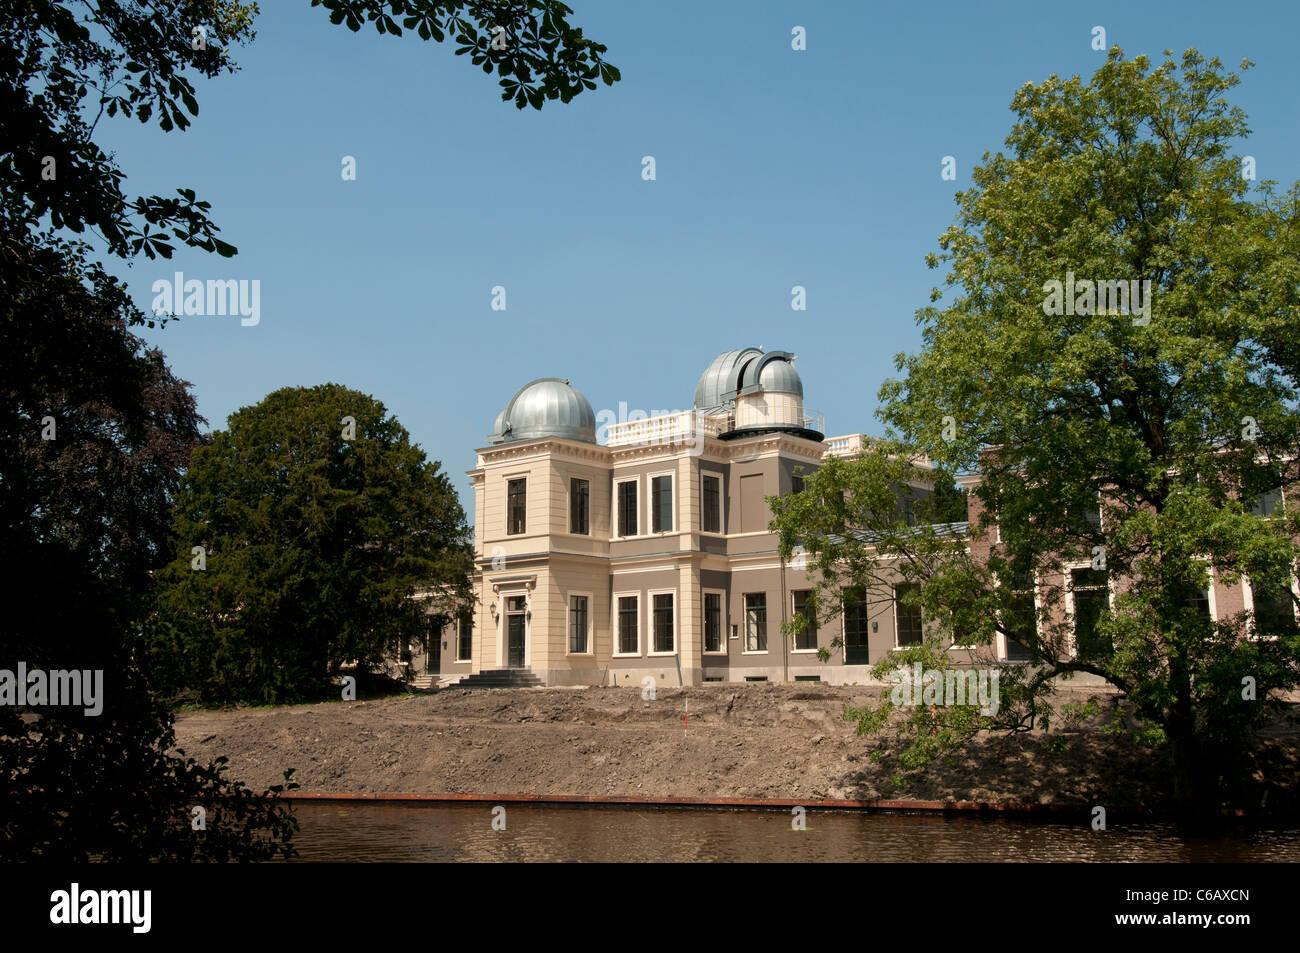 Sterrenwacht Leiden 1633 osservatorio astronomico parte della vecchia università 1575 (dove Albert Einstein Immagini Stock